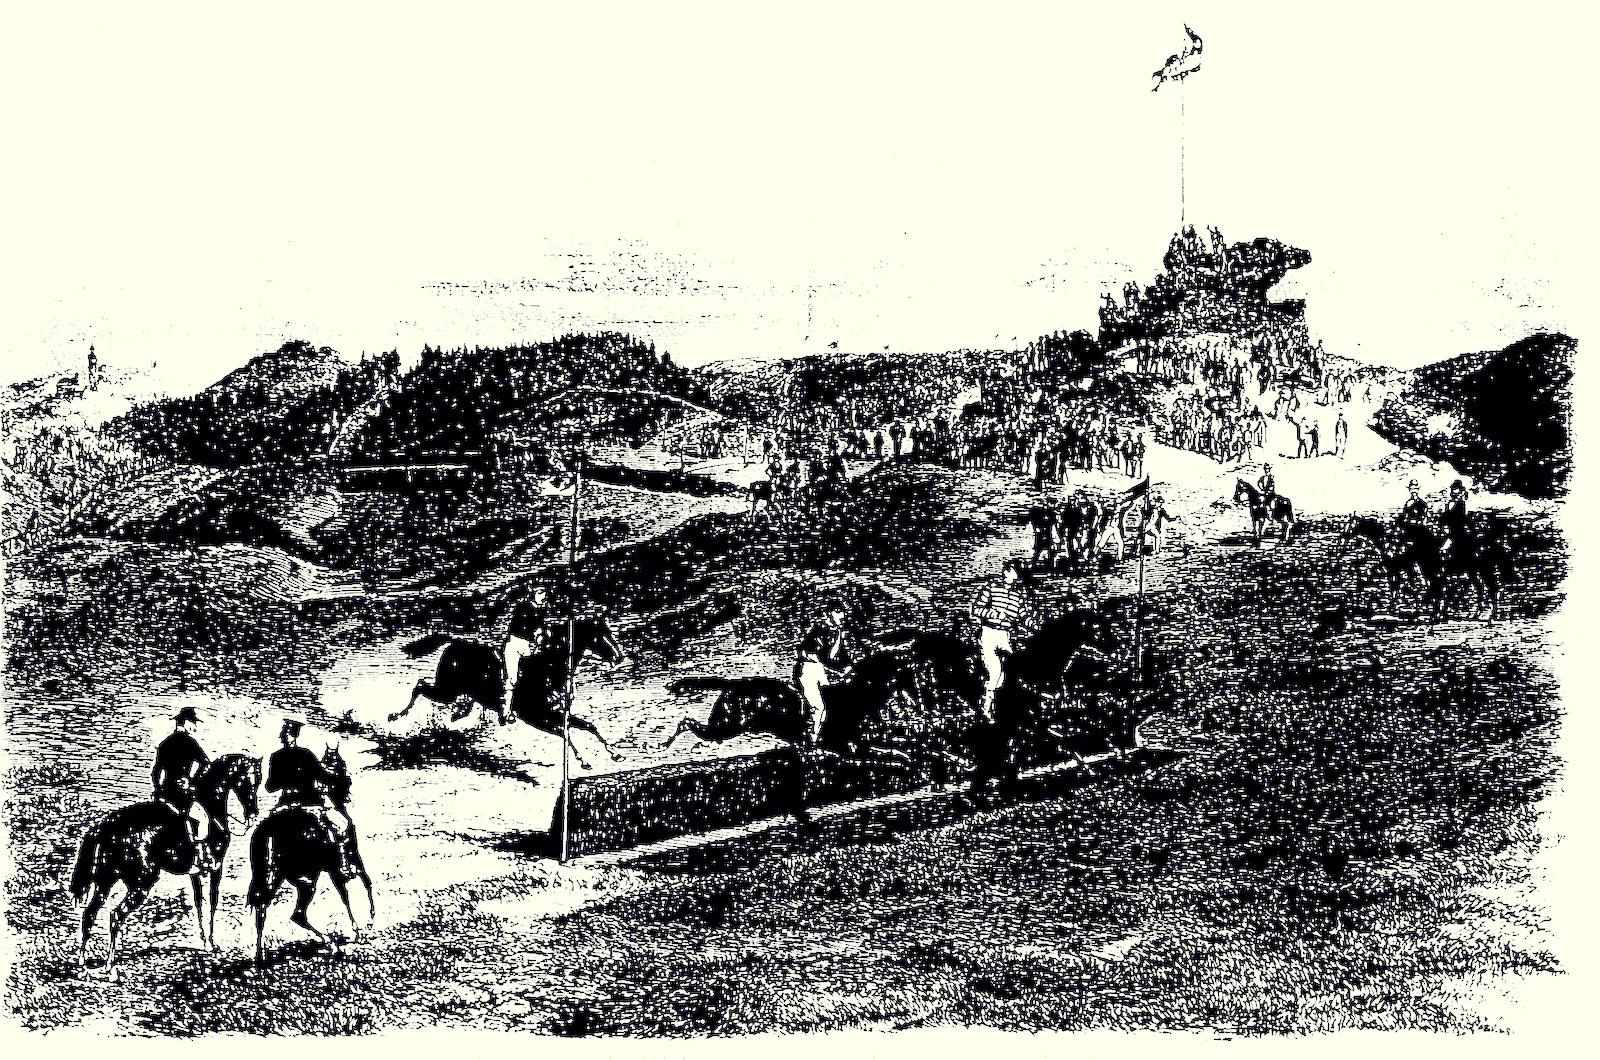 Bild von einem historischen Rennen dort